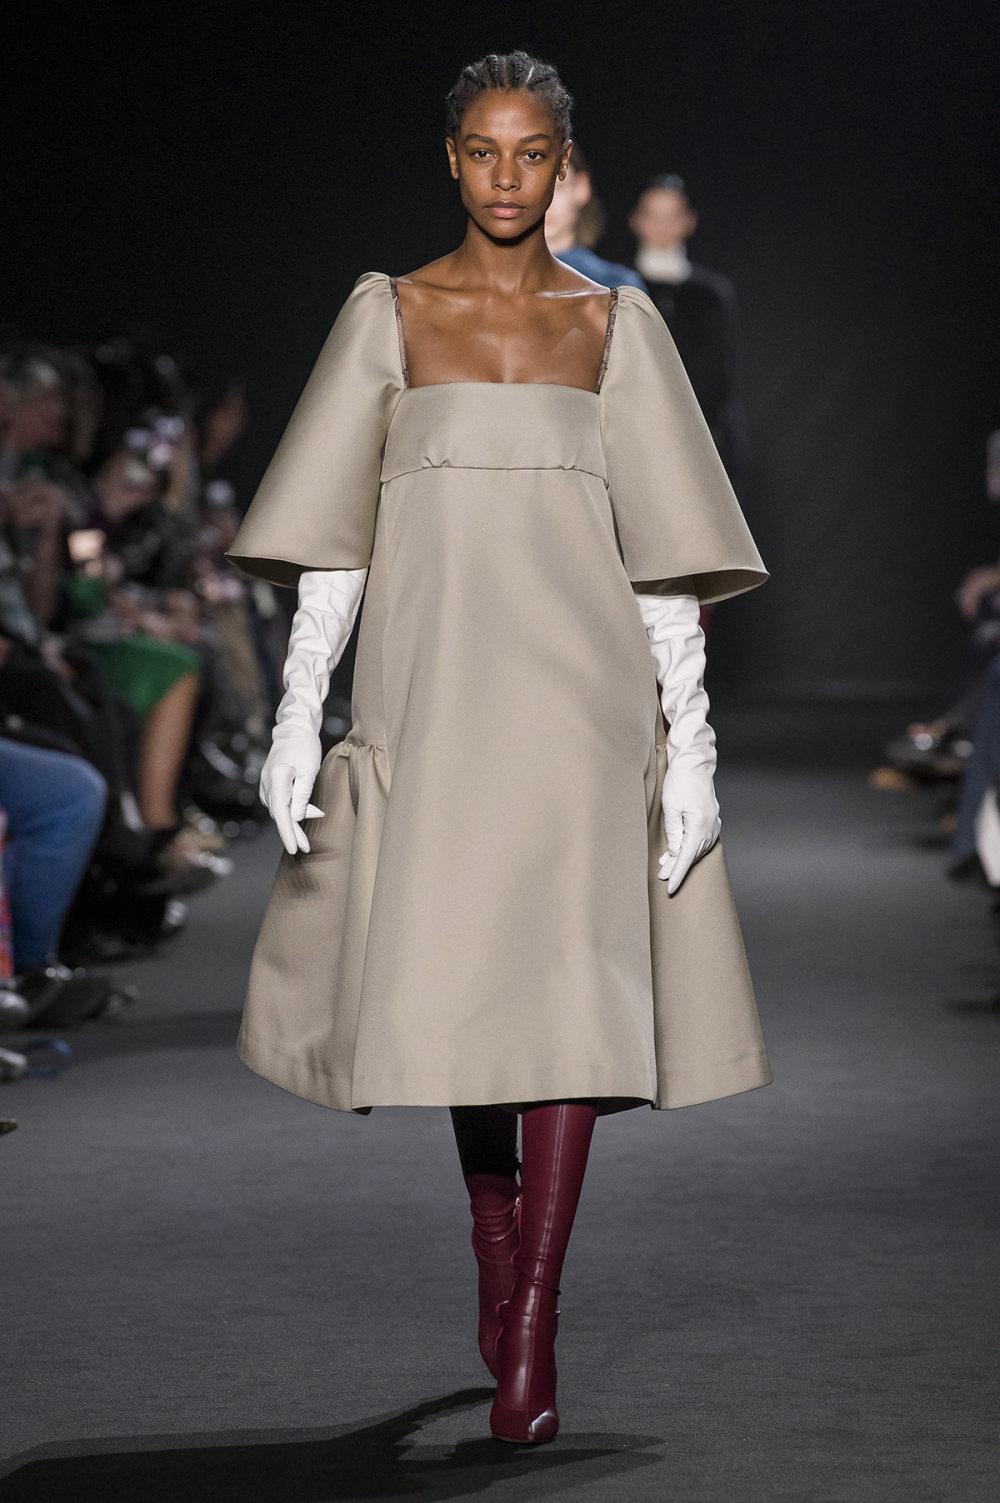 Rochas时装系列黑色无领斜纹软呢褶皱的黑色裙身饰有超细短袖衬衫-18.jpg